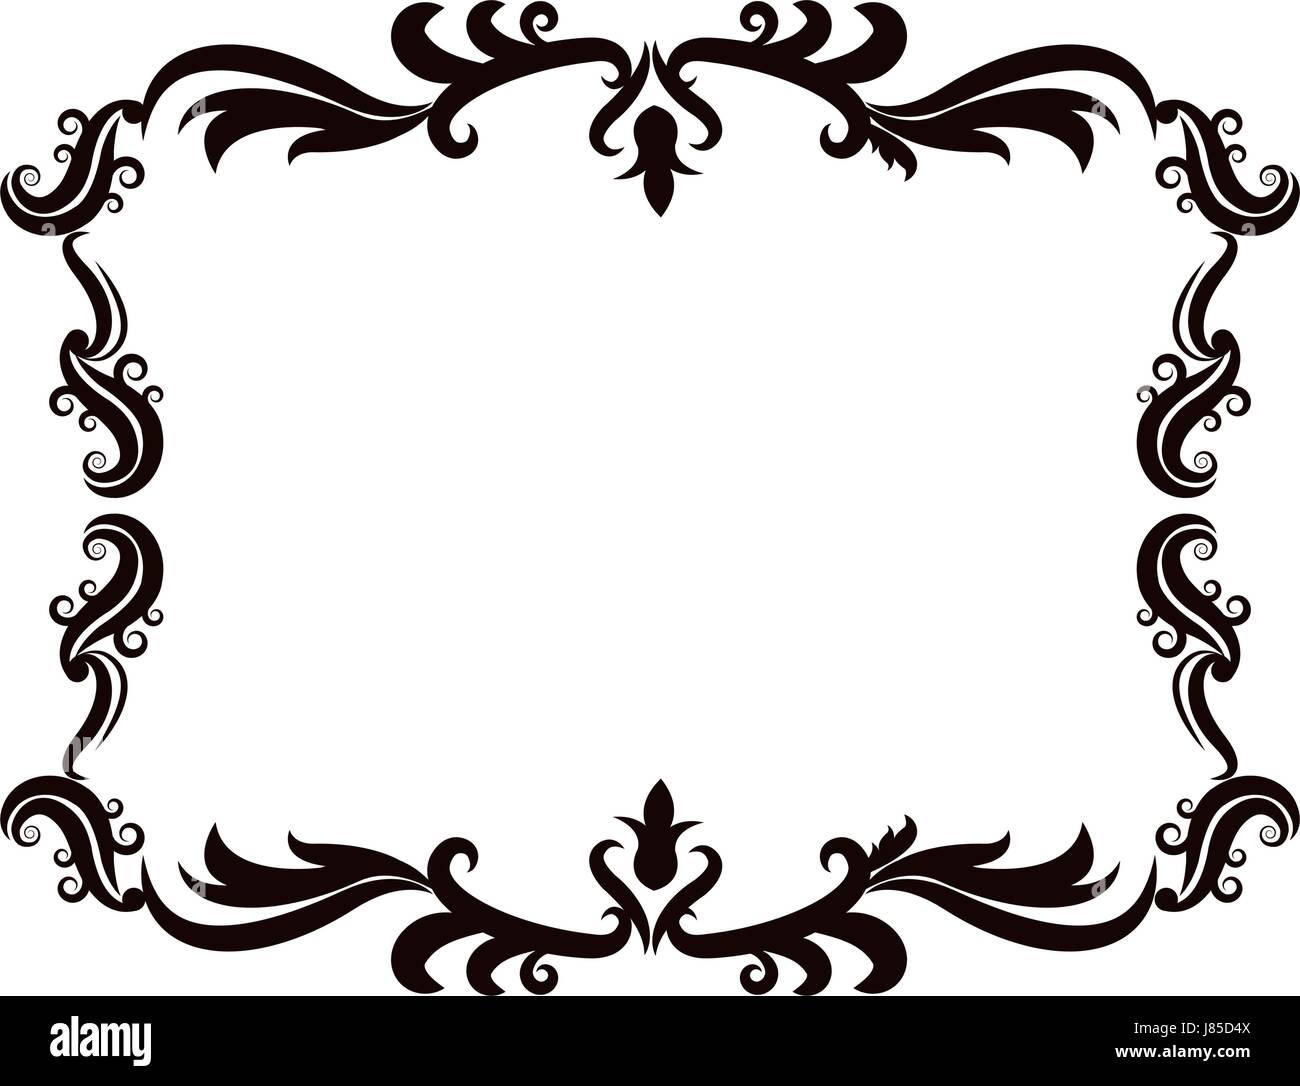 vintage baroque frame scroll floral ornament border retro pattern rh alamy com vintage decorative borders vector decorative borders vector file download free